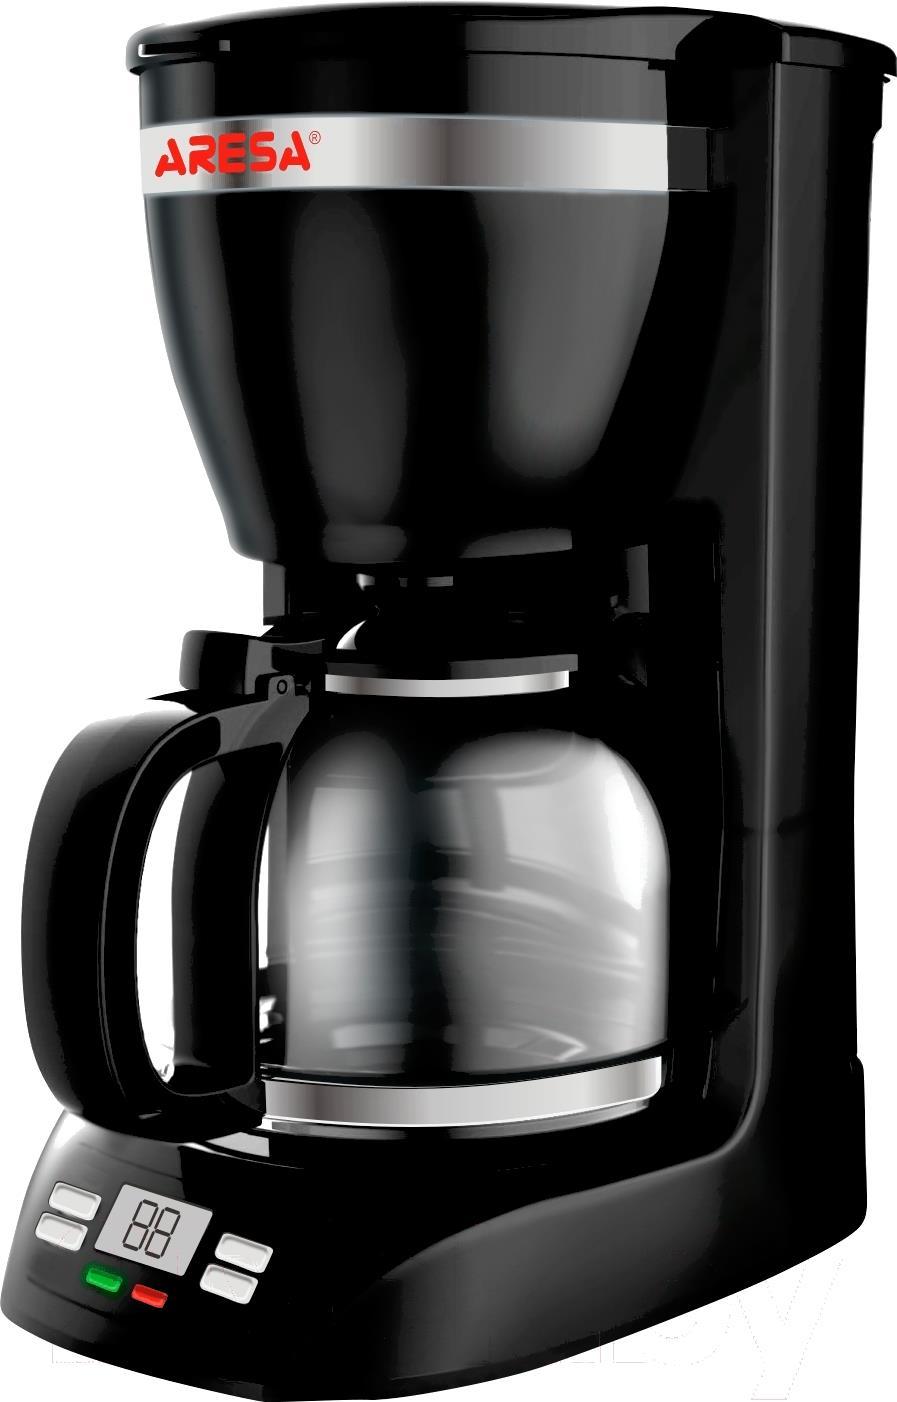 Кофеварка / кофемашина Aresa AR-1606